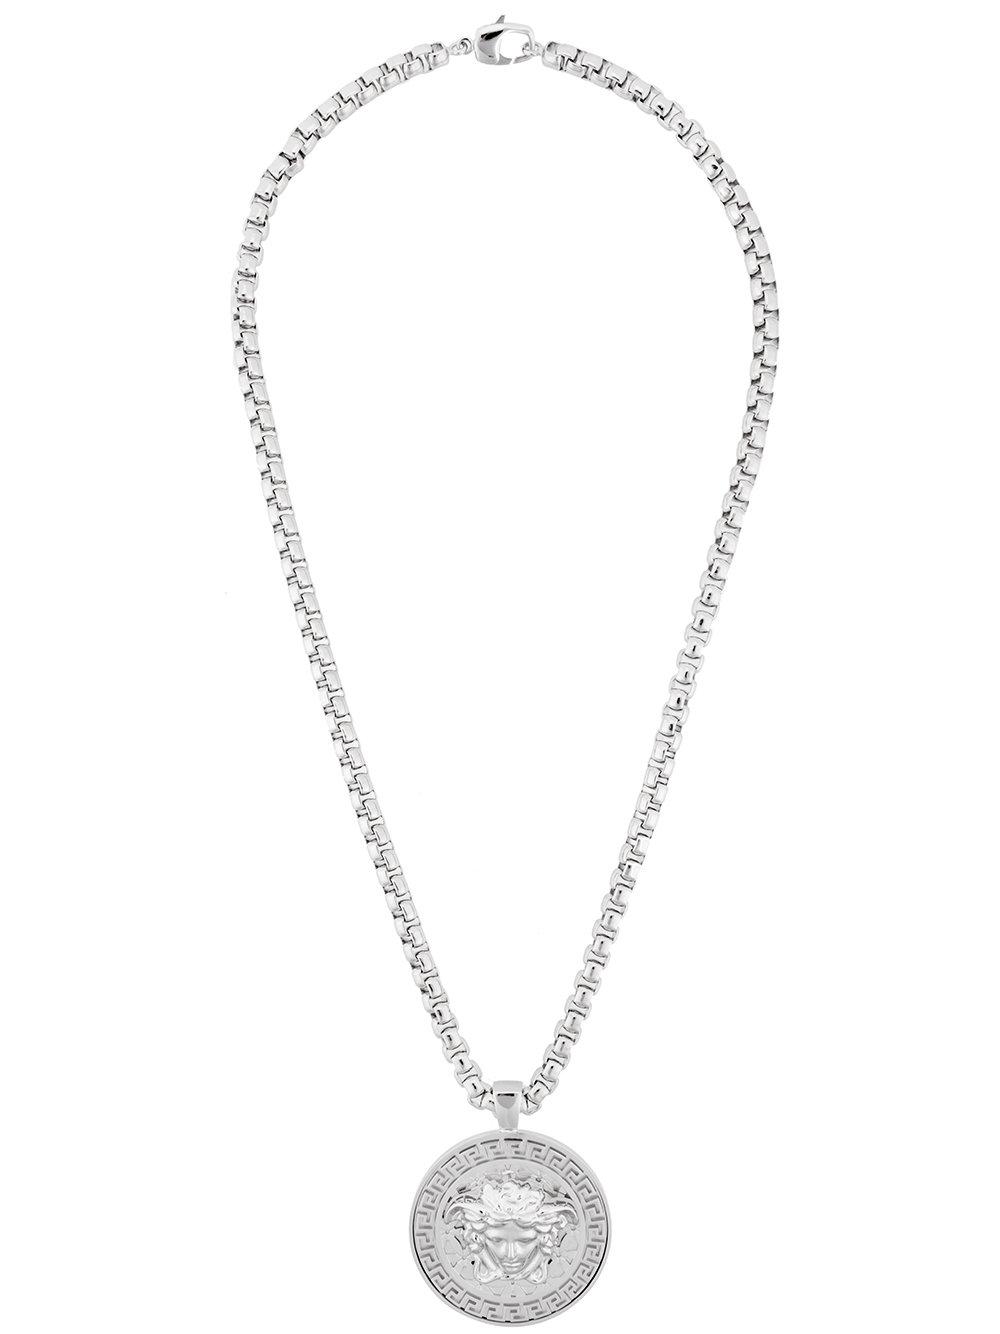 f68cd3830d2 Soldes collier versace homme pas cher En Ligne Les Baskets collier versace  homme pas cher en vente outlet. Nouvelle Collection collier versace homme  pas ...